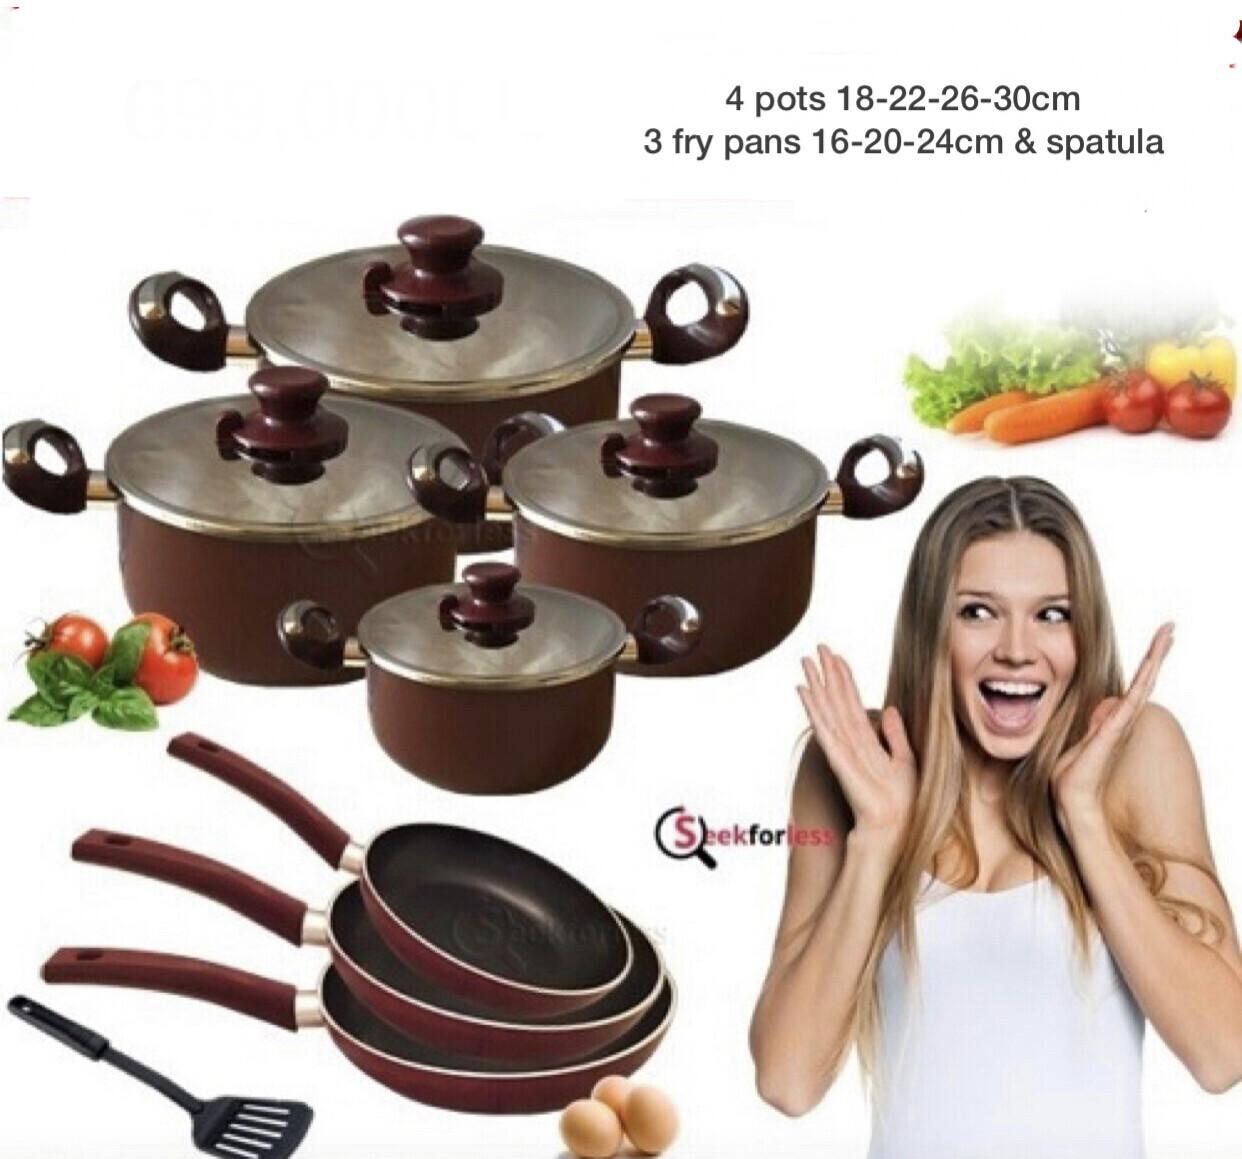 8-Pcs Cookware Offer